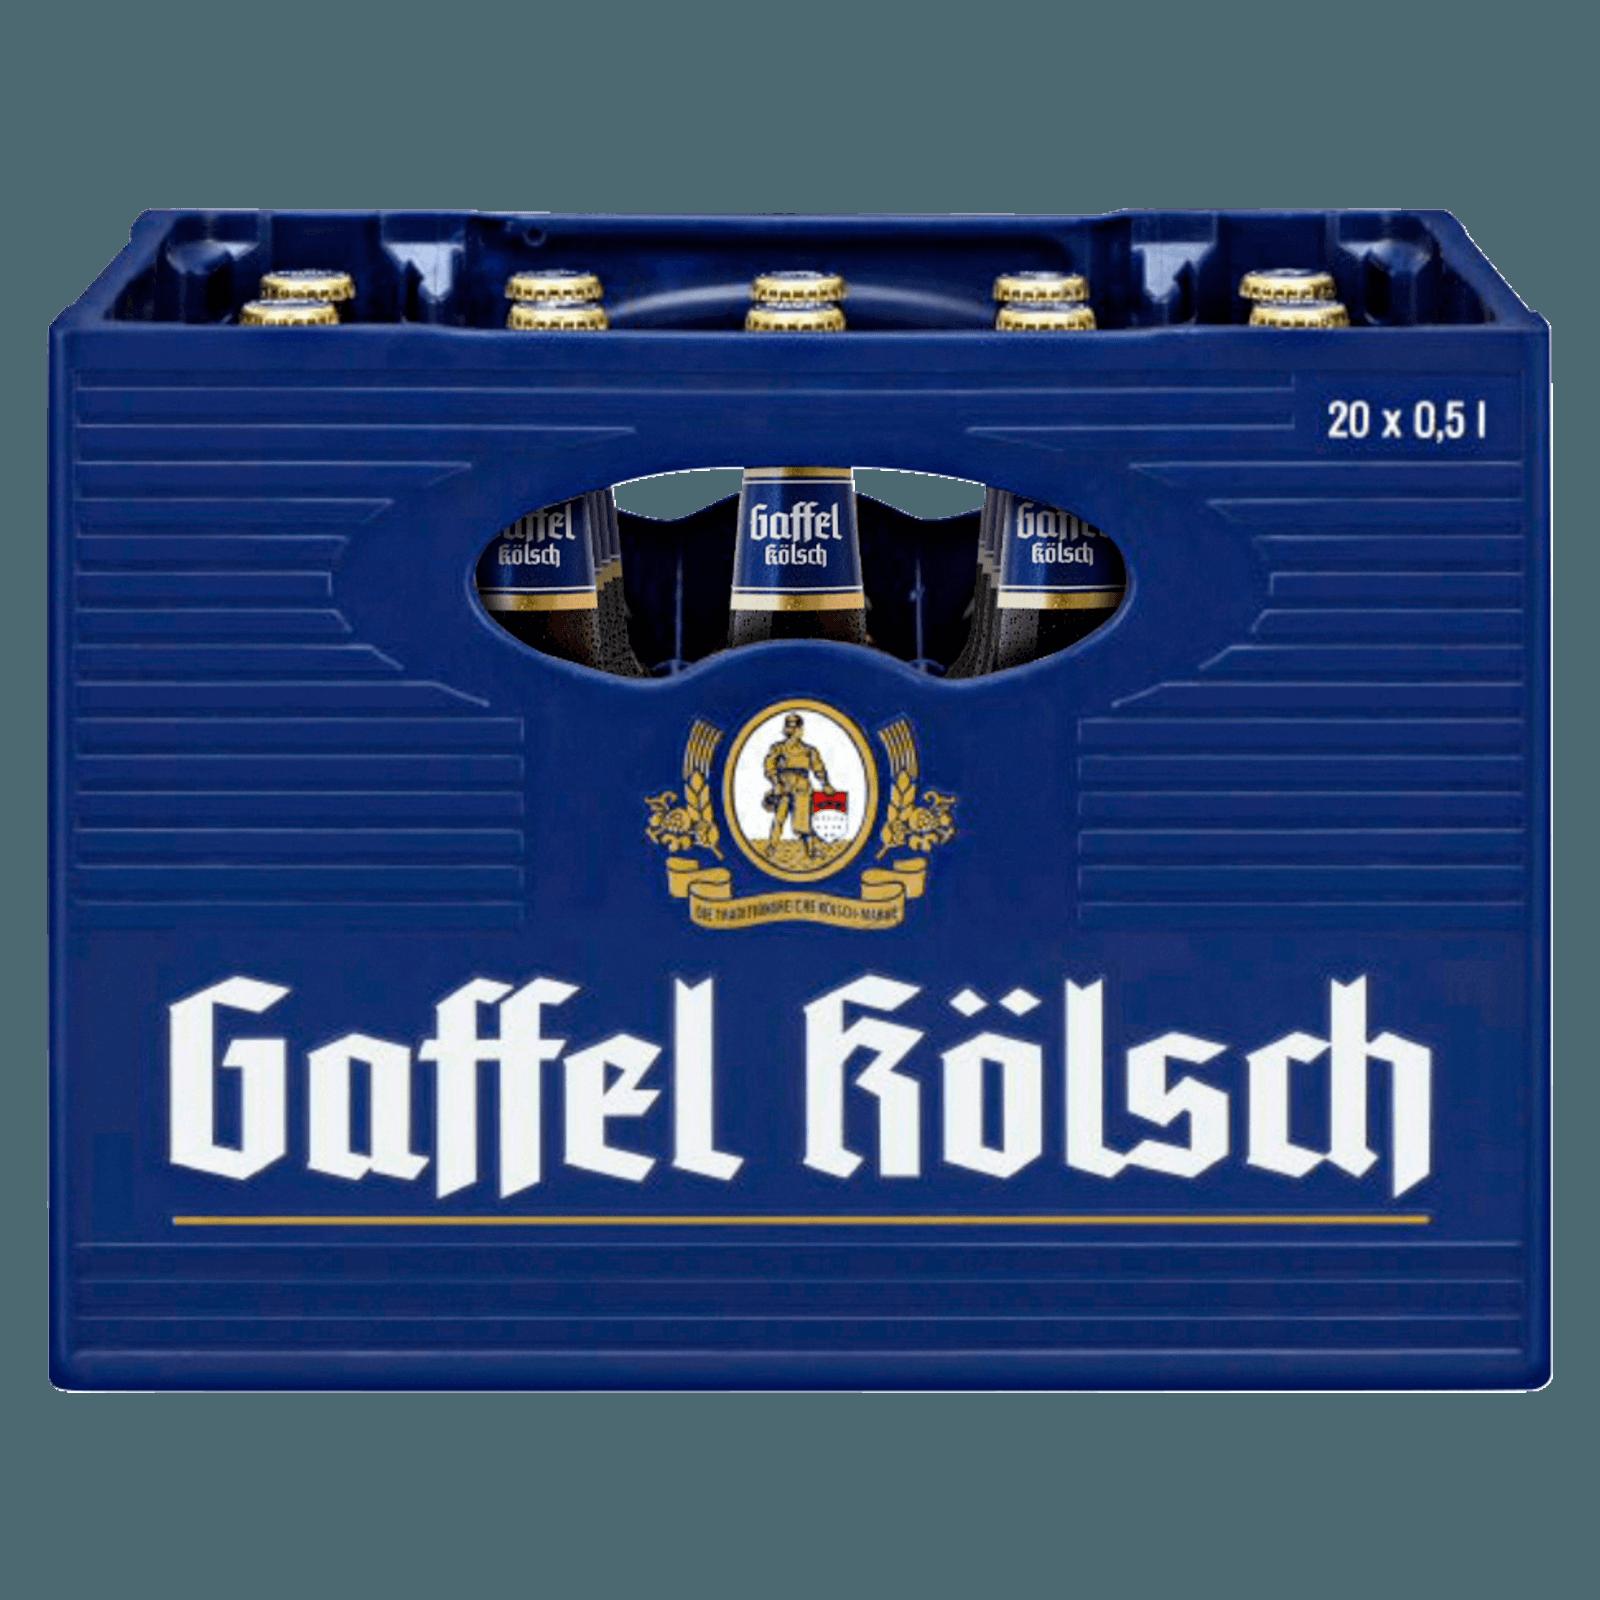 Gaffel Kölsch 20x05l